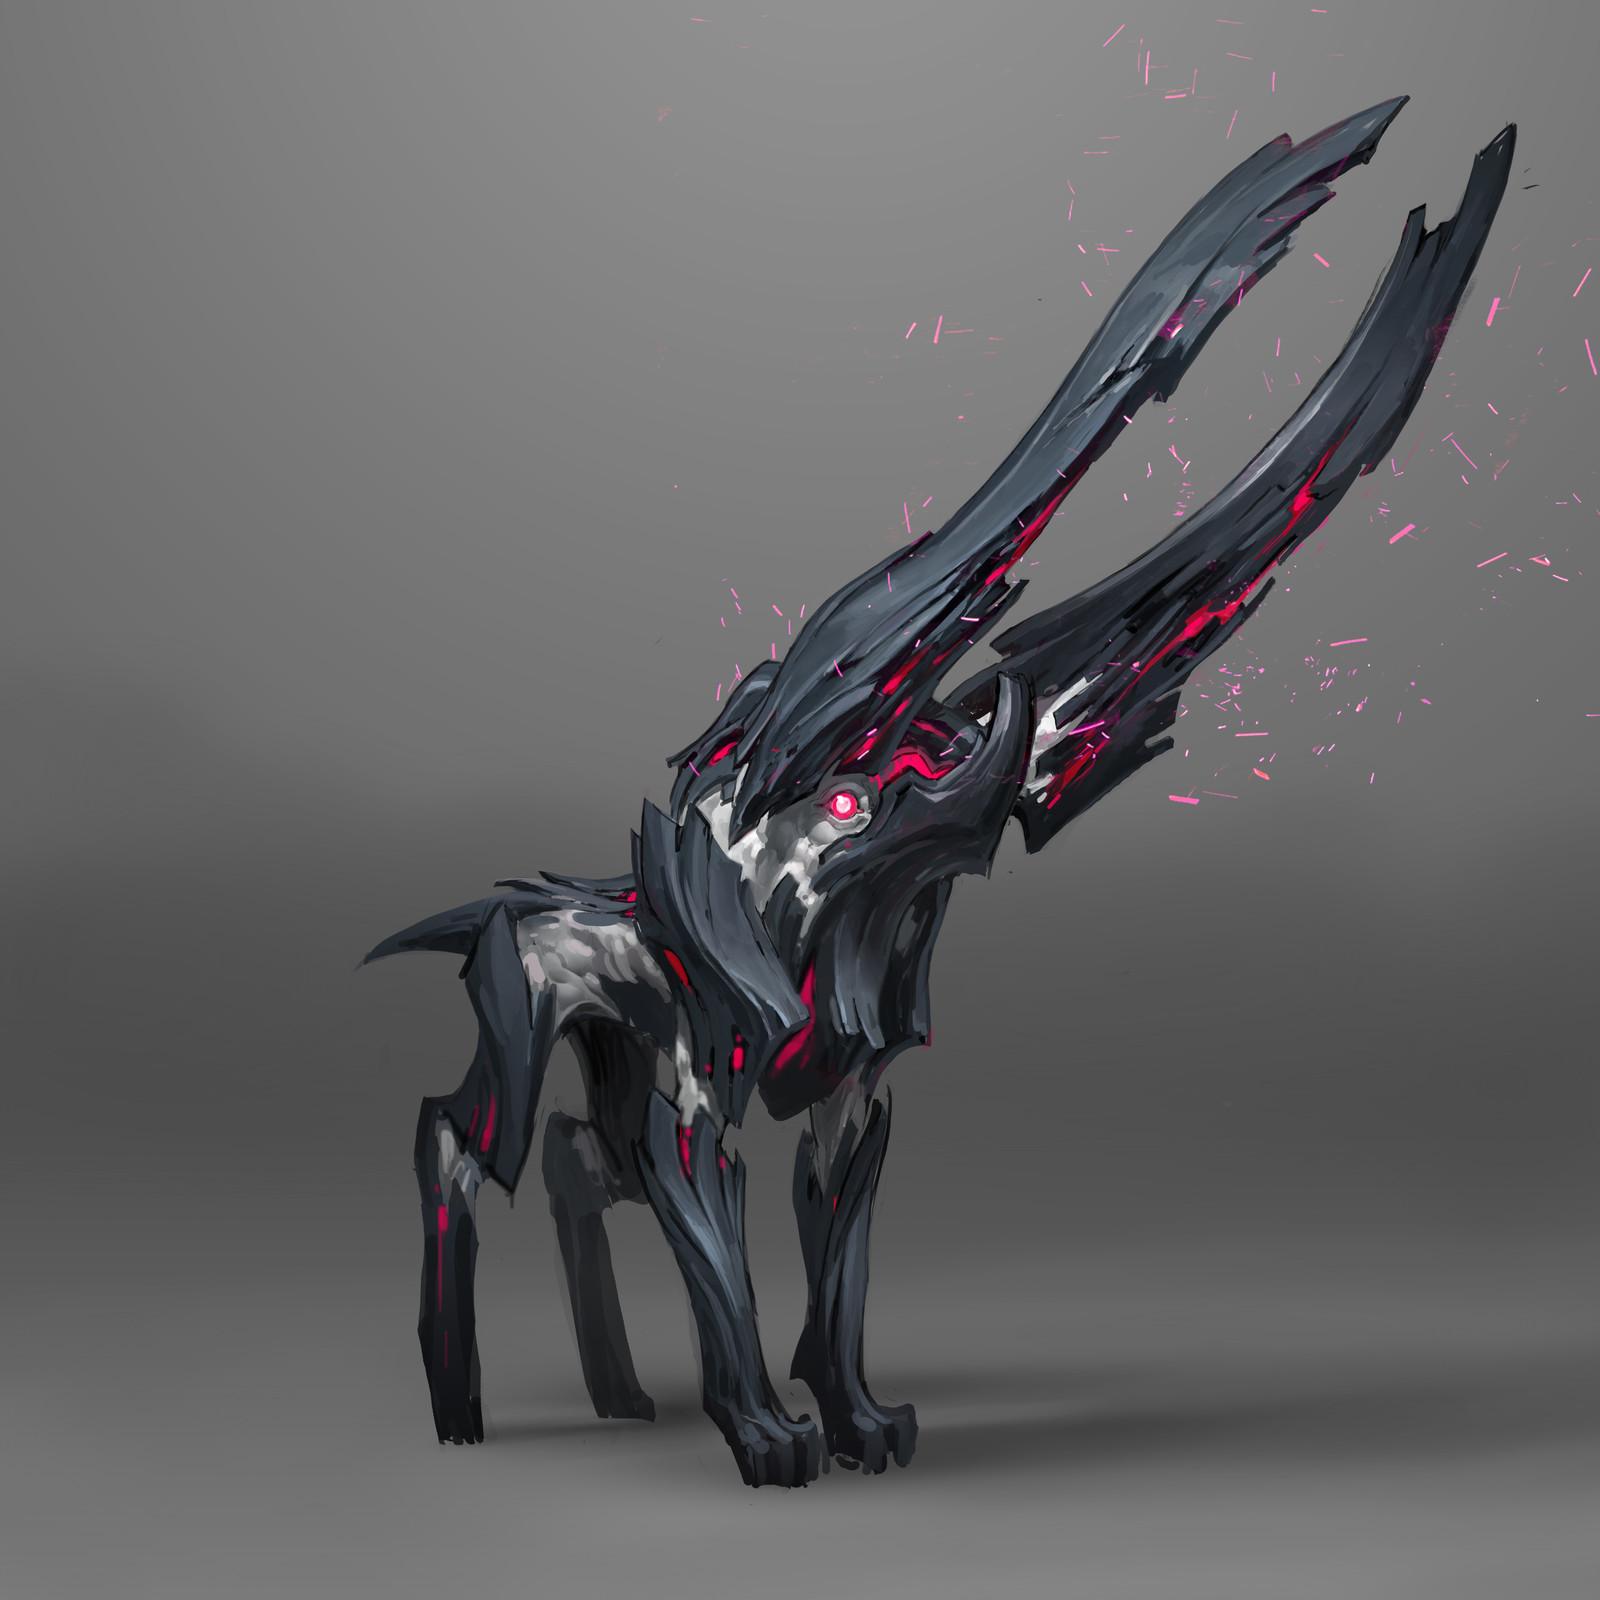 Ranged Attack Creature Design